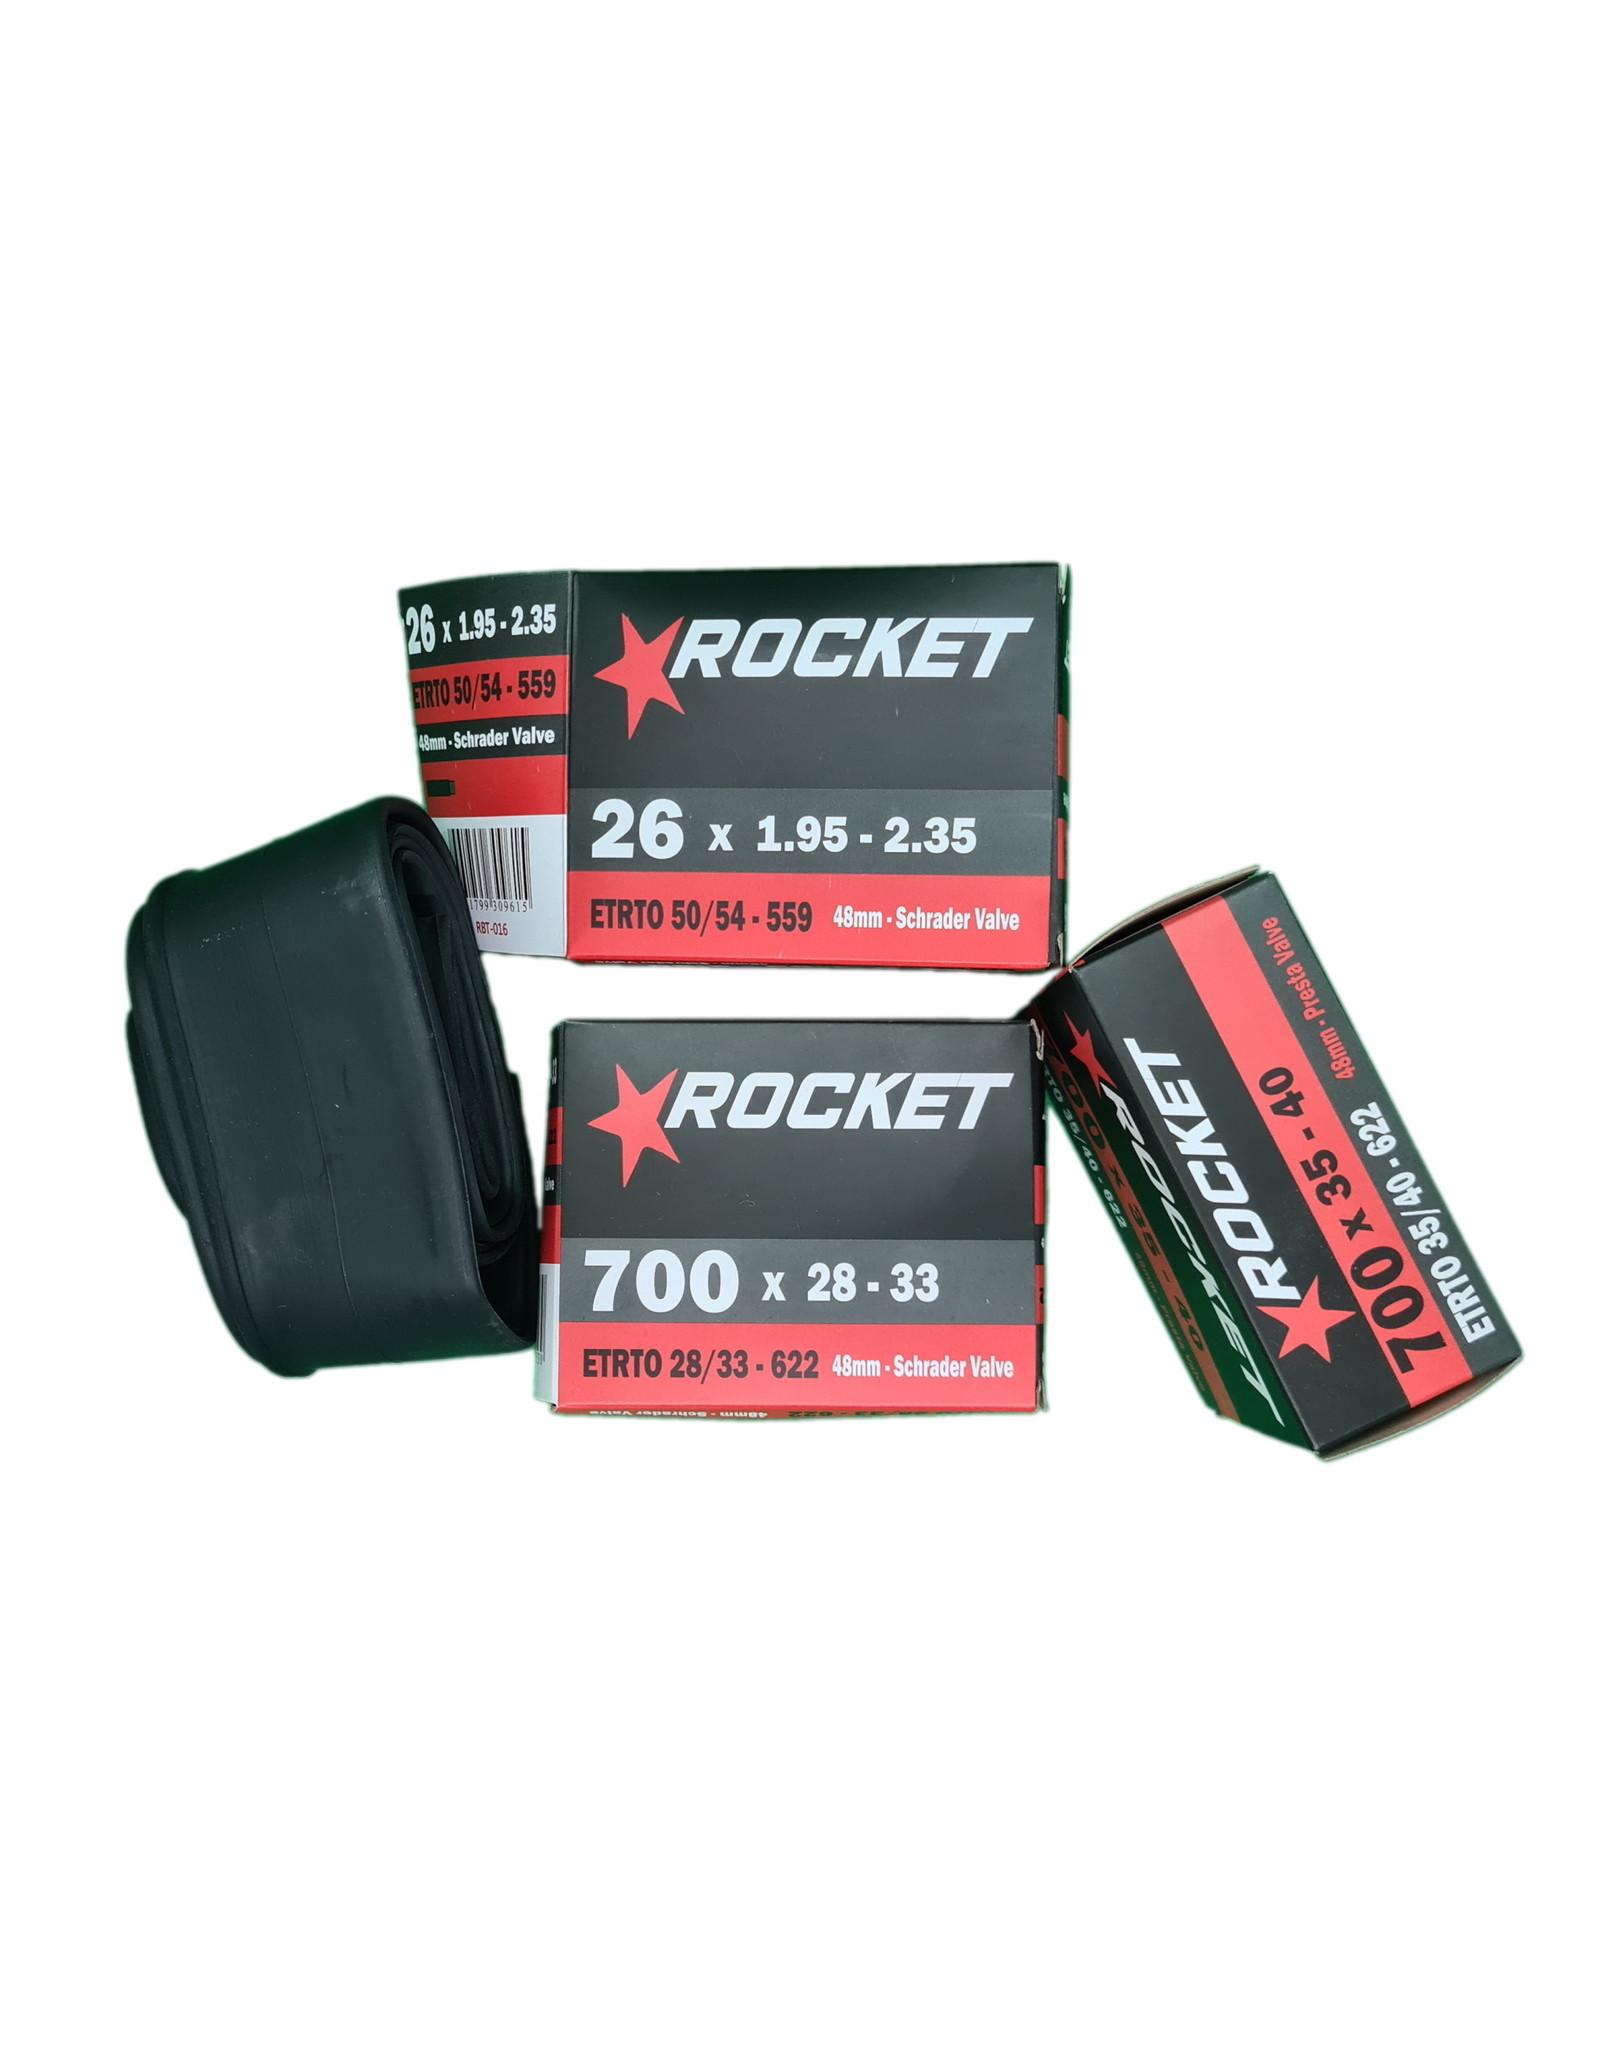 Rocket Tube 26 X 1.25/1.75 Schrader Valve